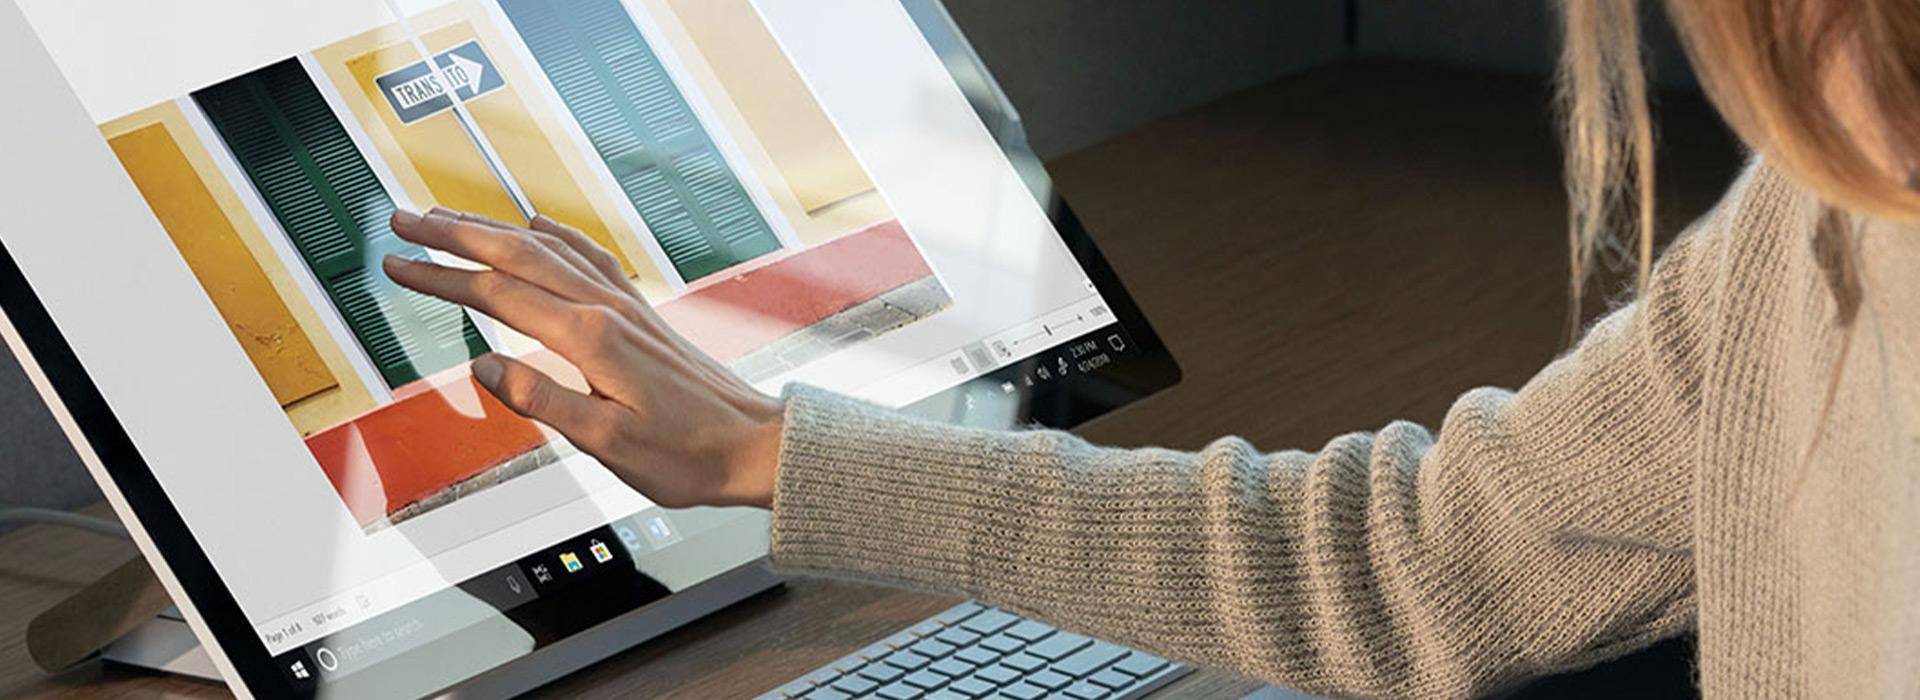 一位女士正在使用 Surface Studio 的觸控螢幕